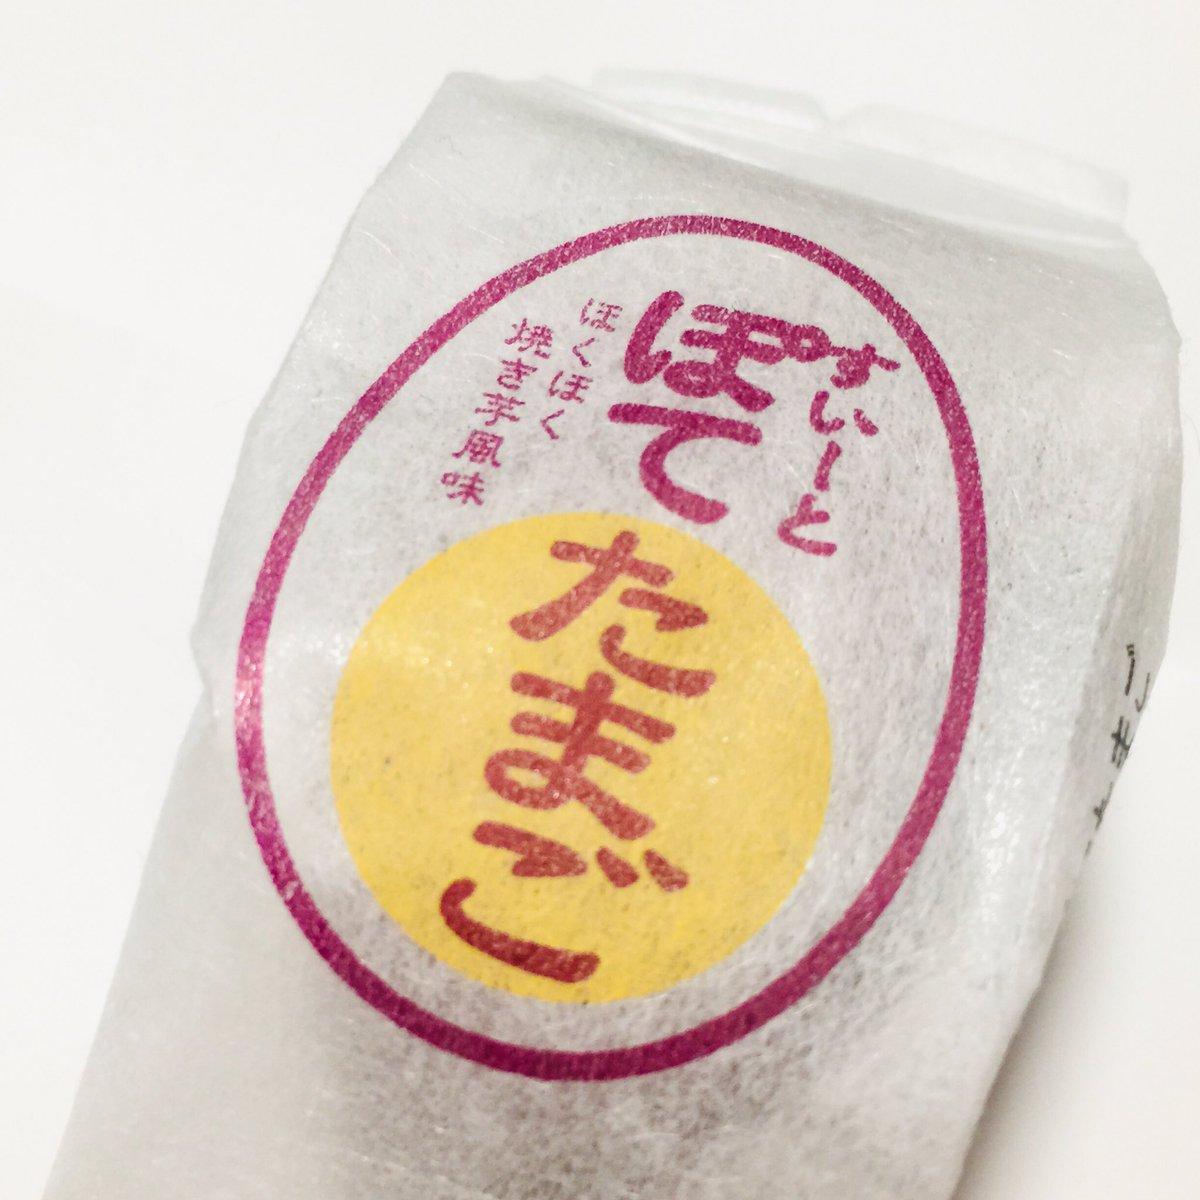 test ツイッターメディア - 東京土産の「ごまたまご」のシリーズと思われる「すいーとぽてたまご」を頂いた。美味しかった。ふと思った。東京はたまごが有名なのだろうか?たまごで一杯の東京を想像してみて癒された。 https://t.co/9B8fU9t2HU